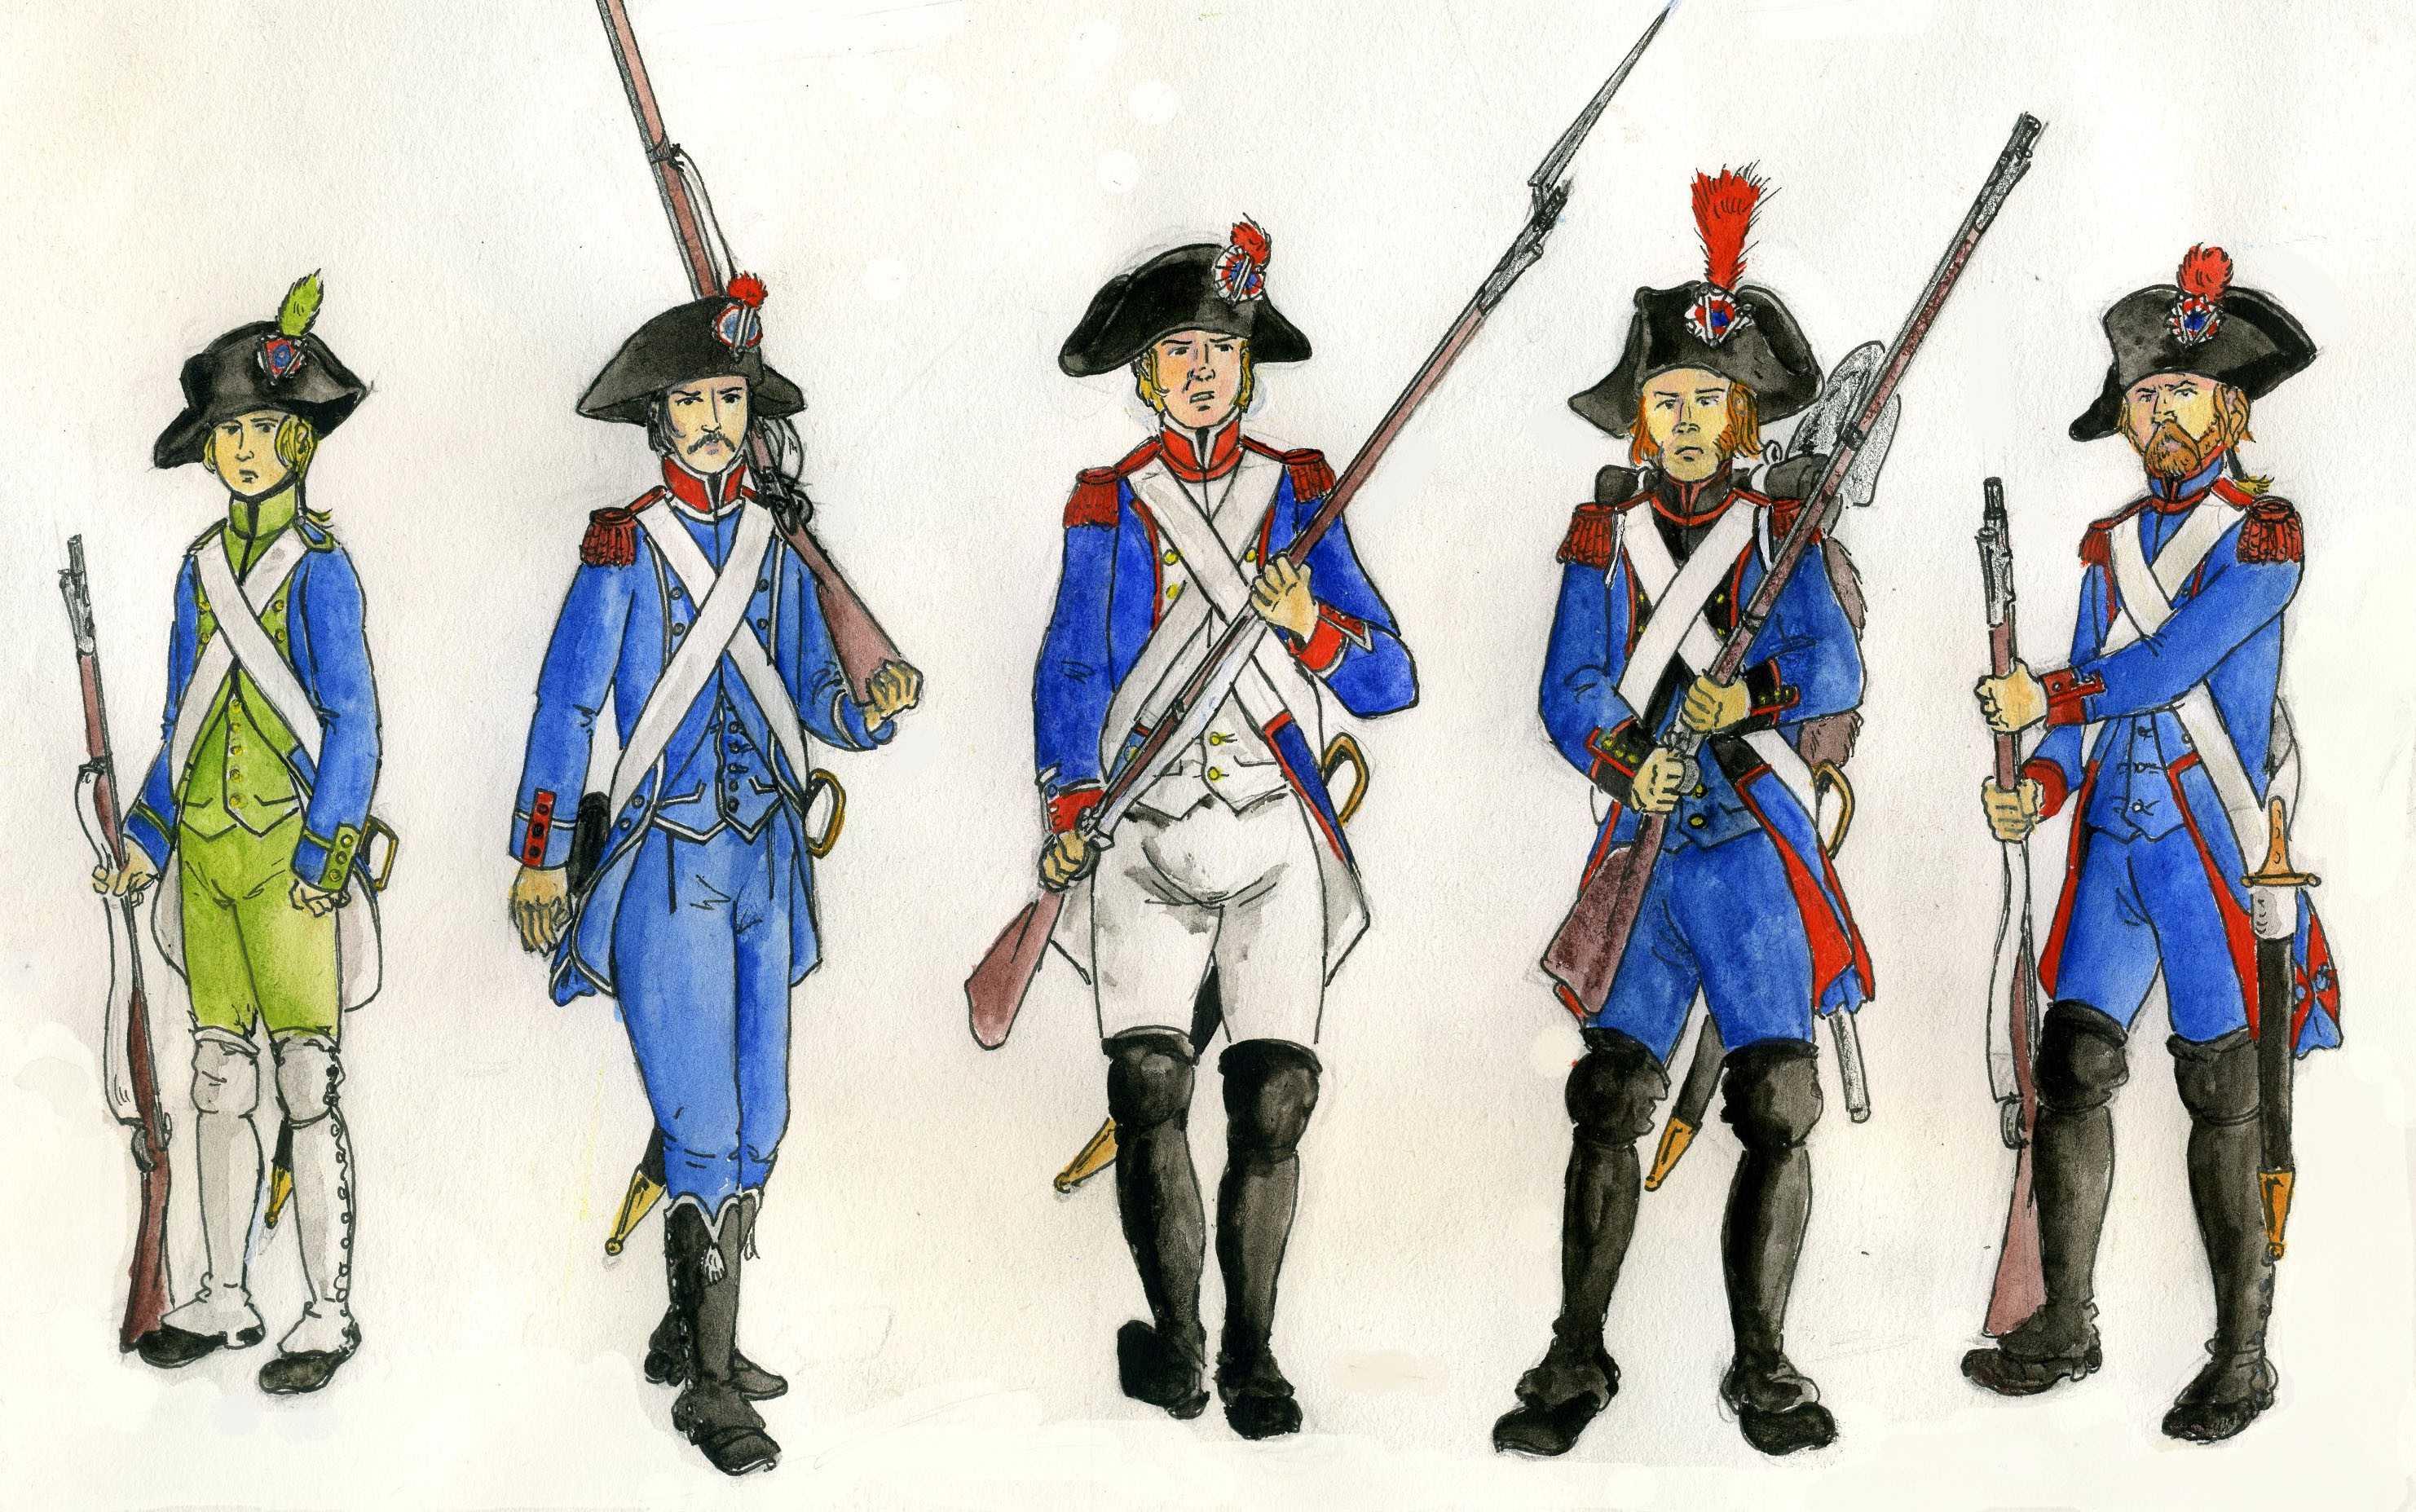 René FEVRIER (1774-1795), Soldat de la Révolution